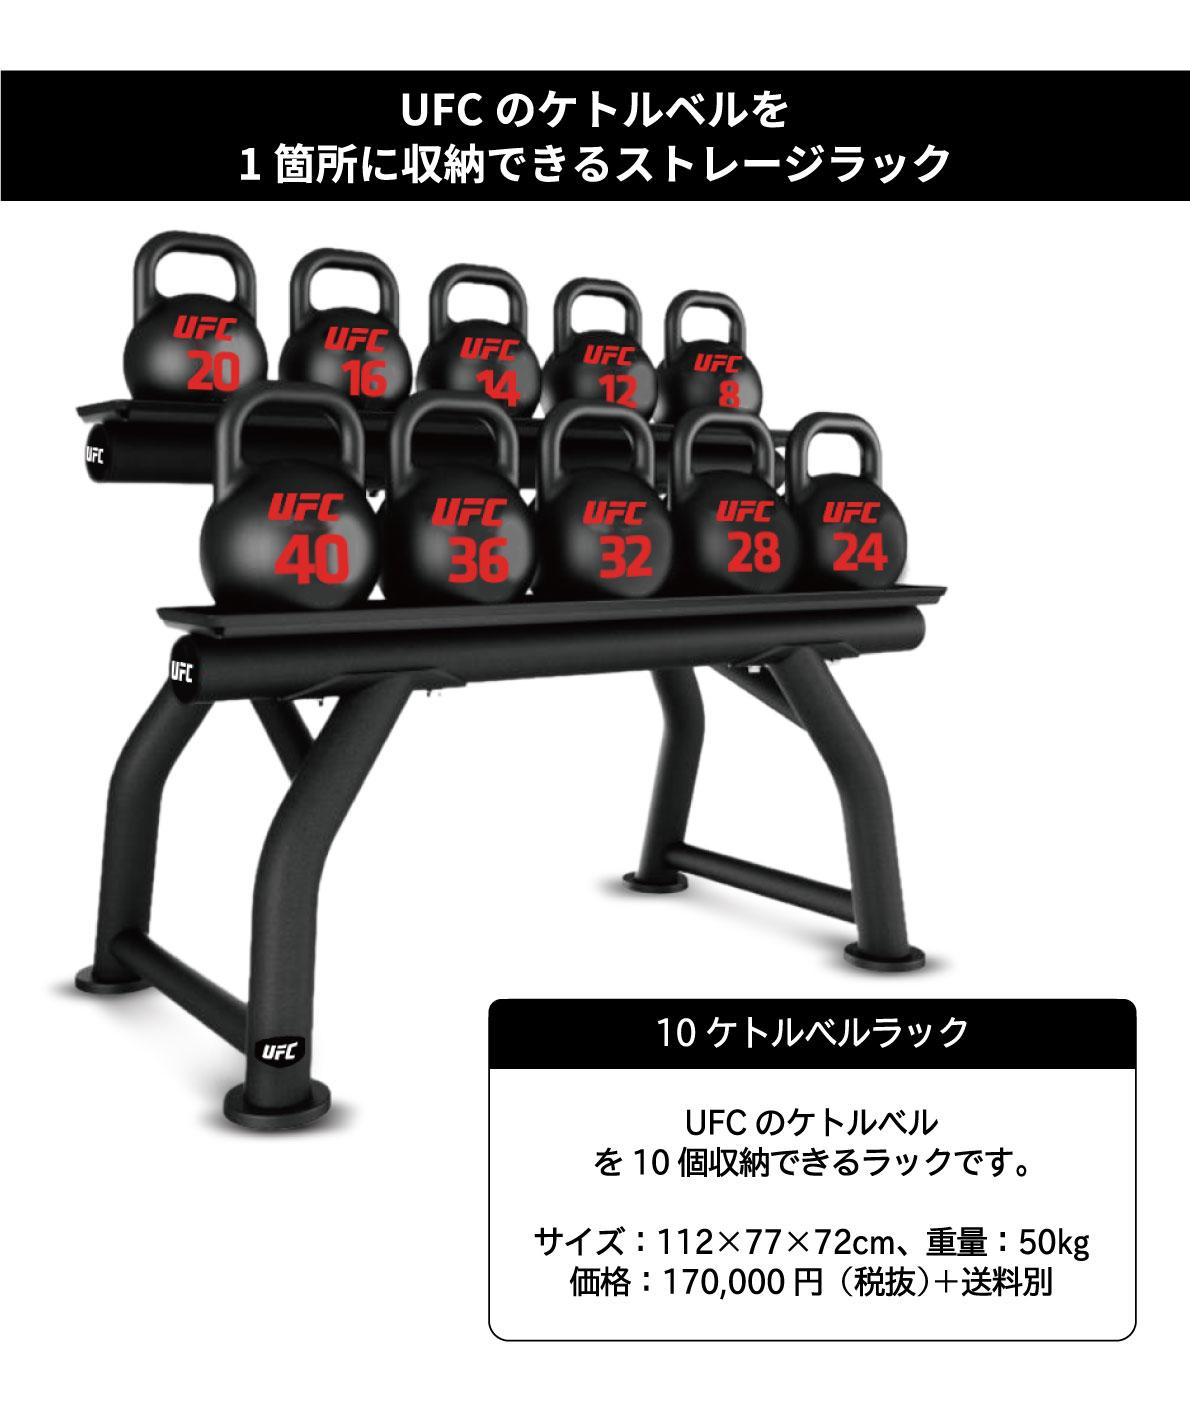 ケトルベルラック/ケトルベルホルダー10個収納(UFC-KBRK-6003)〈業務用〉《総合格闘技UFCオフィシャル》